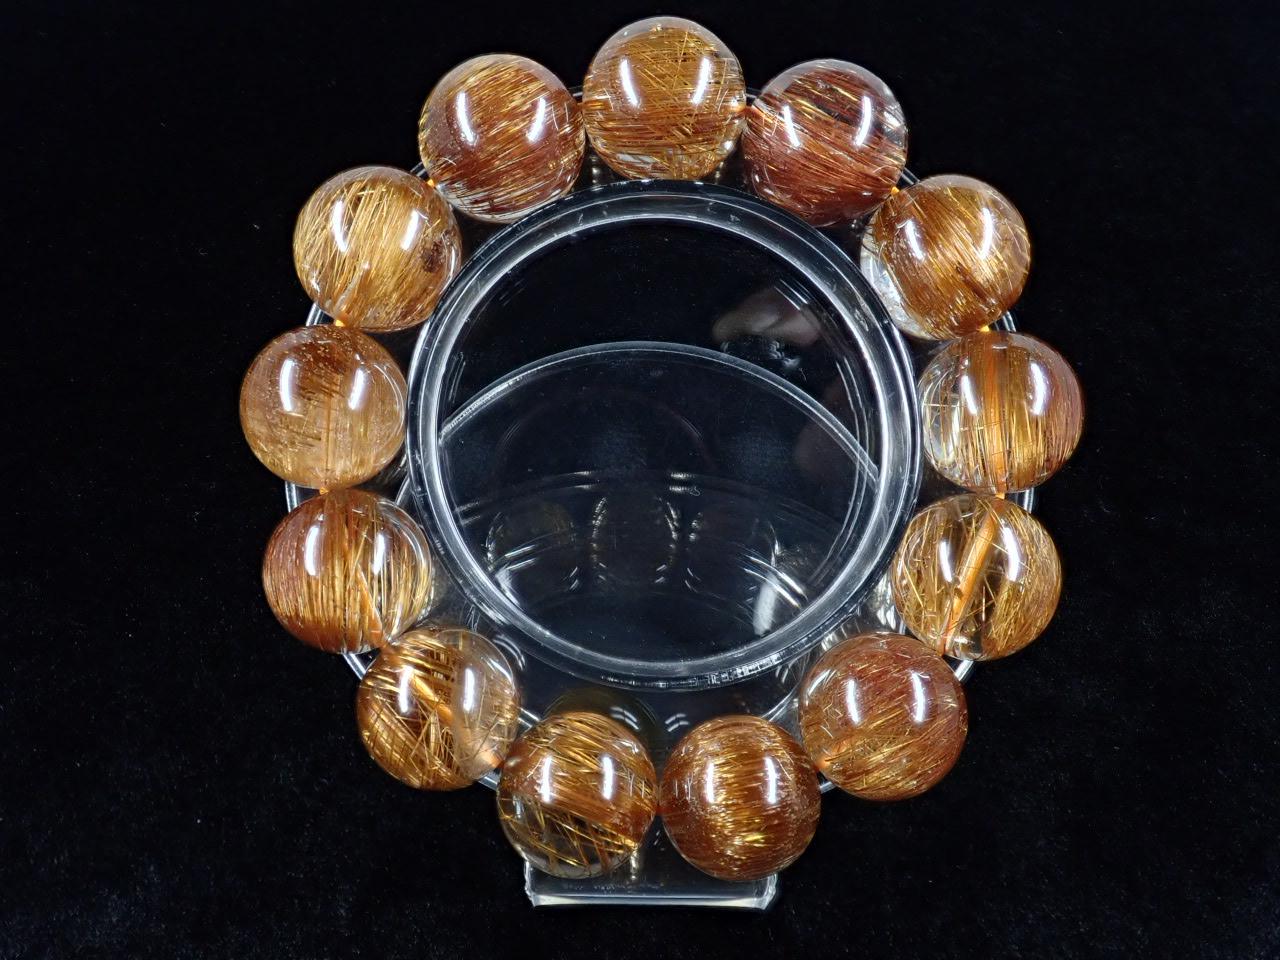 キャッツアイオレンジブラウンルチル ブレスレット 16.2� SA